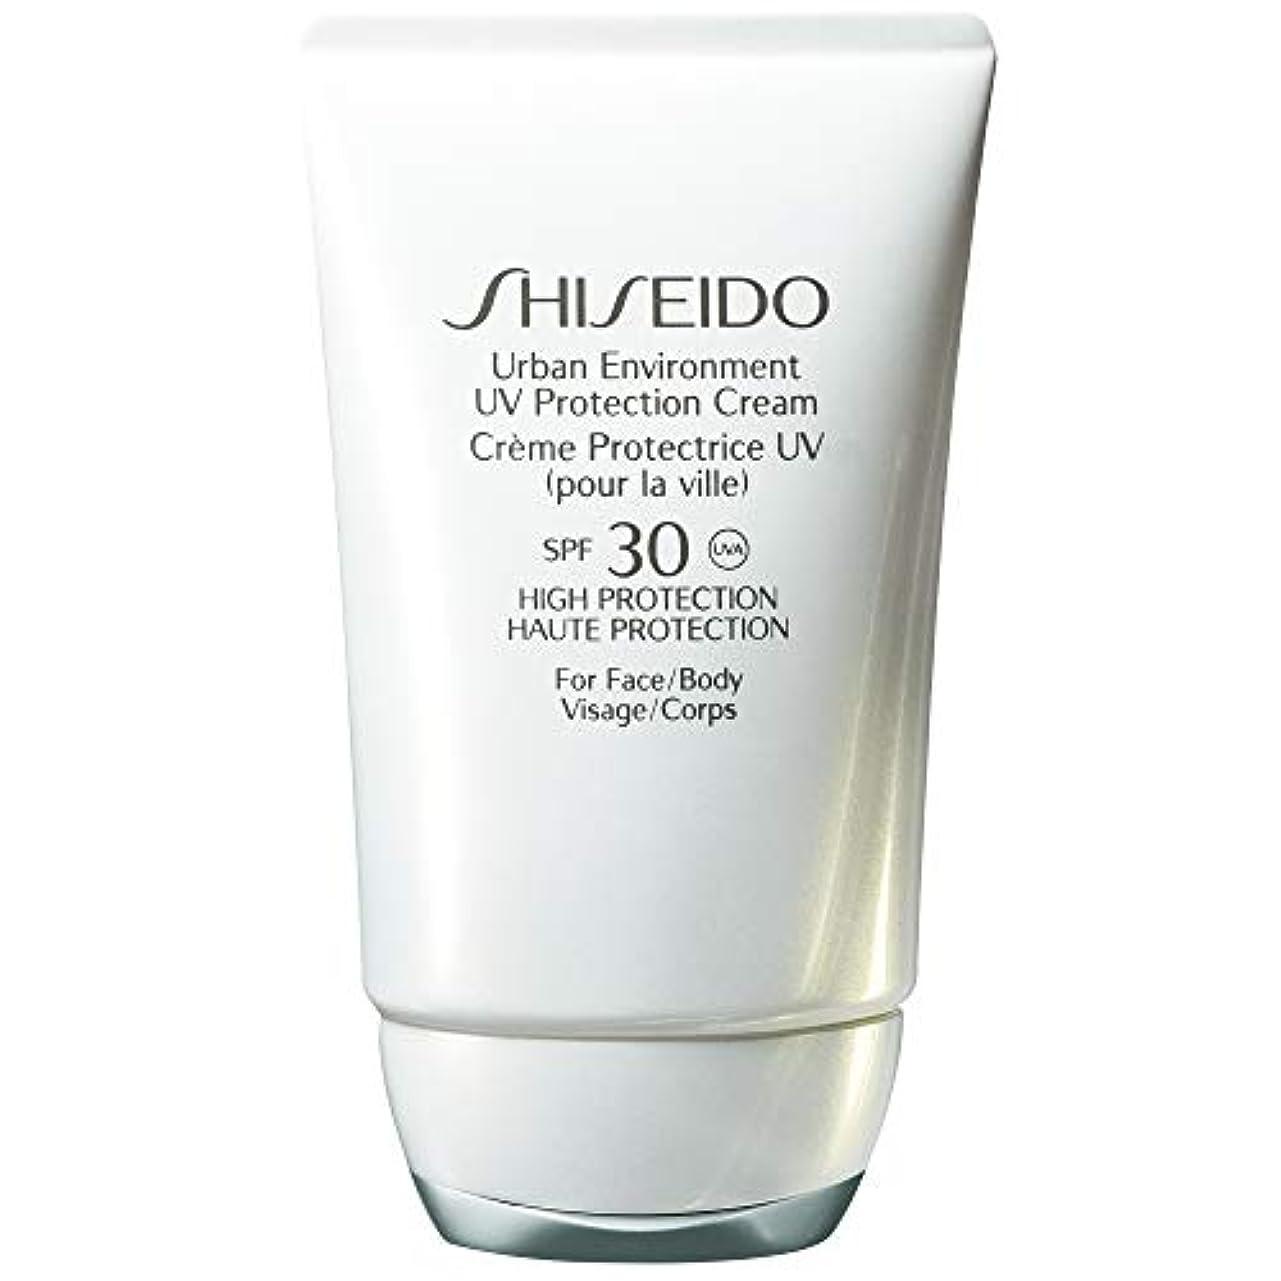 ガイドラインキルト緊張[Shiseido] 資生堂都市環境UvプロテクションクリームSpf 30 50ミリリットル - Shiseido Urban Environment Uv Protection Cream Spf 30 50ml [並行輸入品]